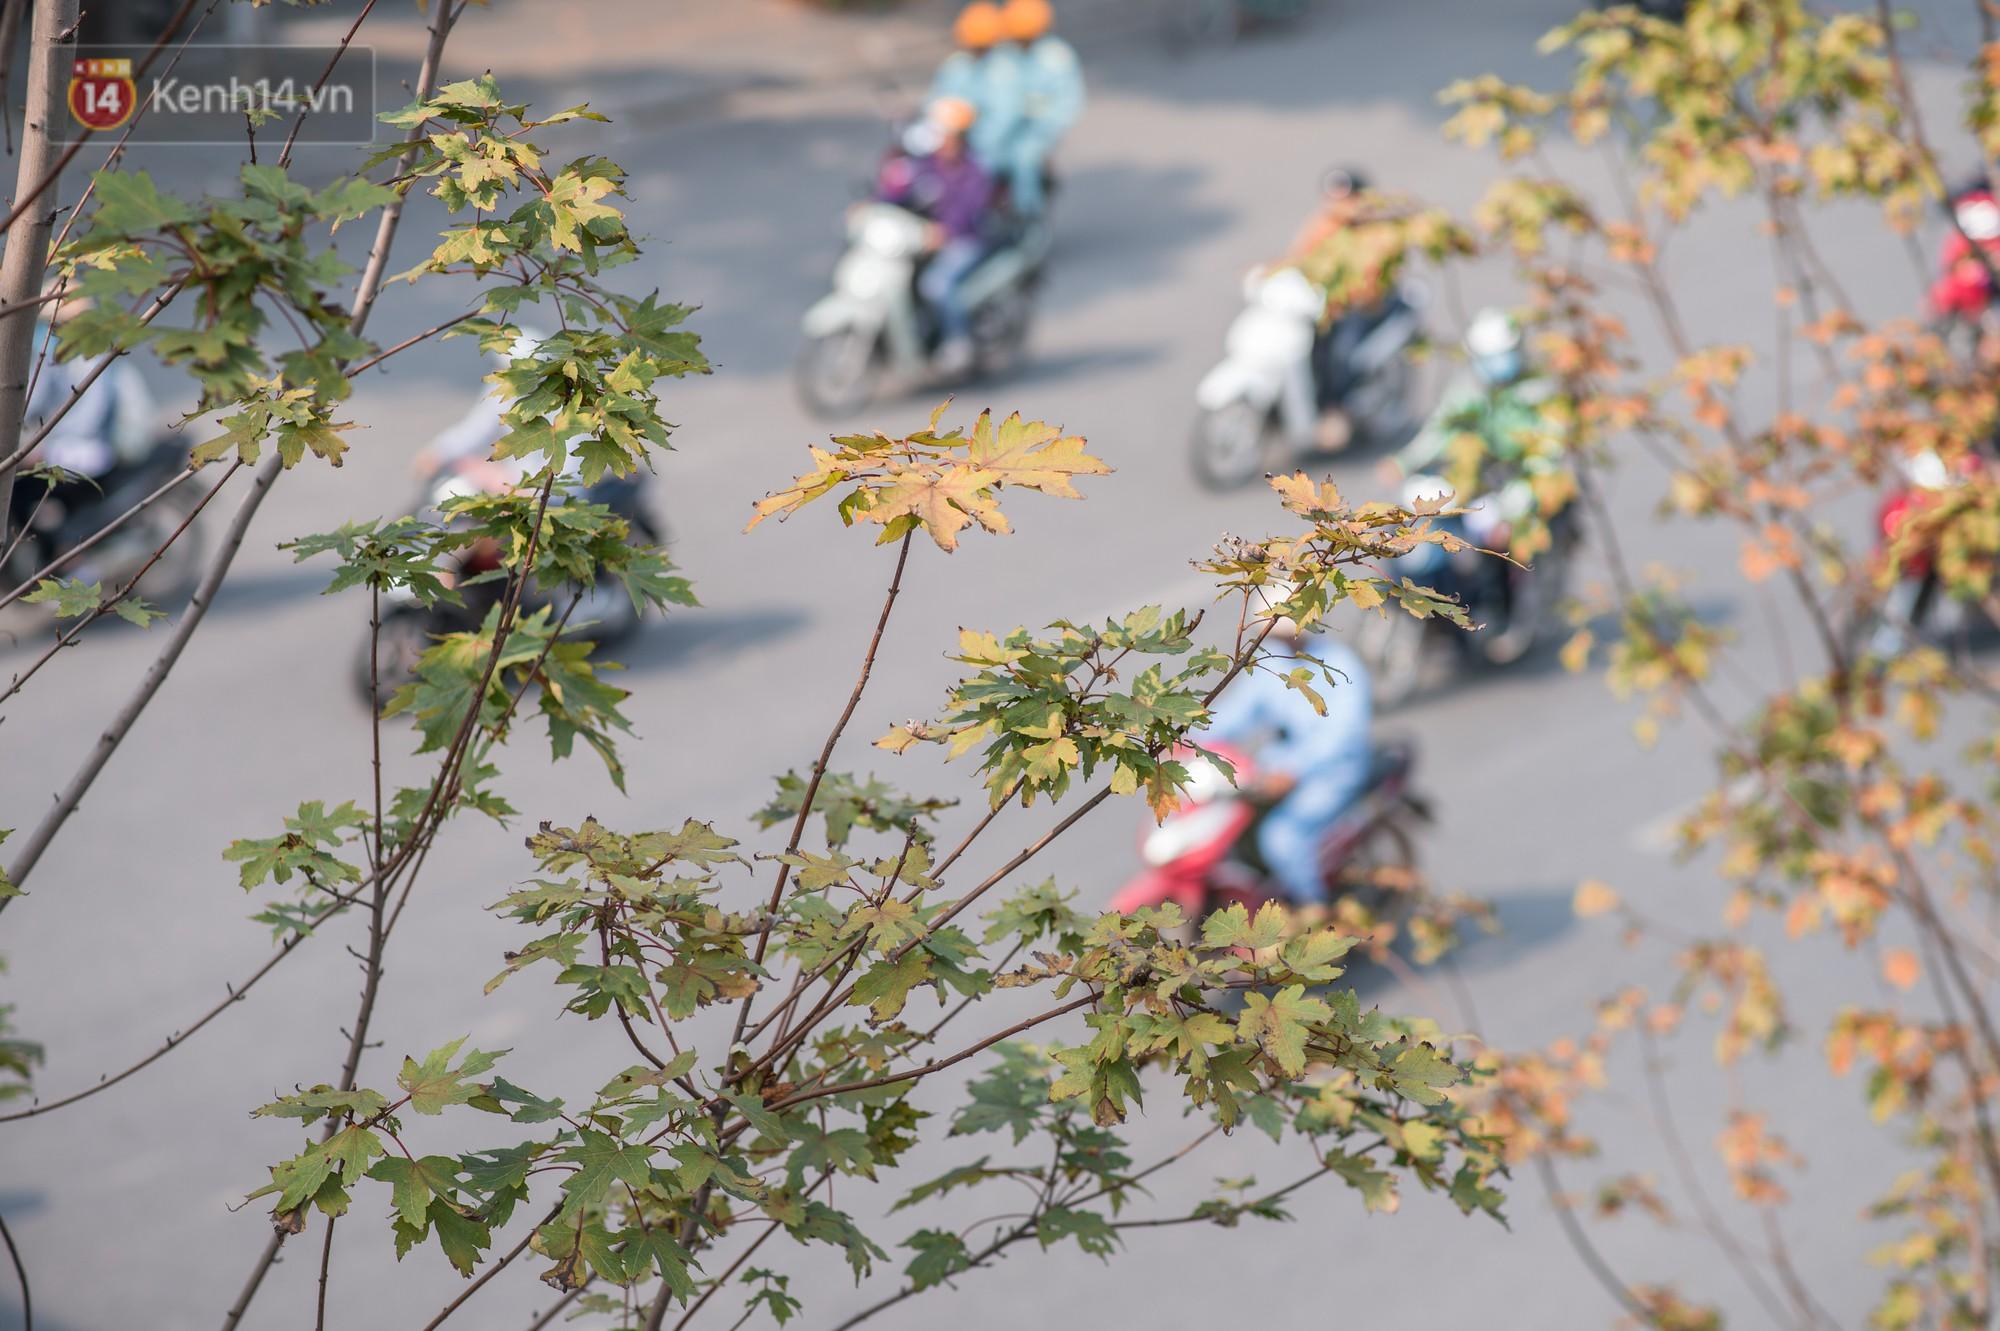 Hàng cây phong lá đỏ củi khô trước đây đã nhuộm sắc vàng đầu thu Hà Nội - Ảnh 13.